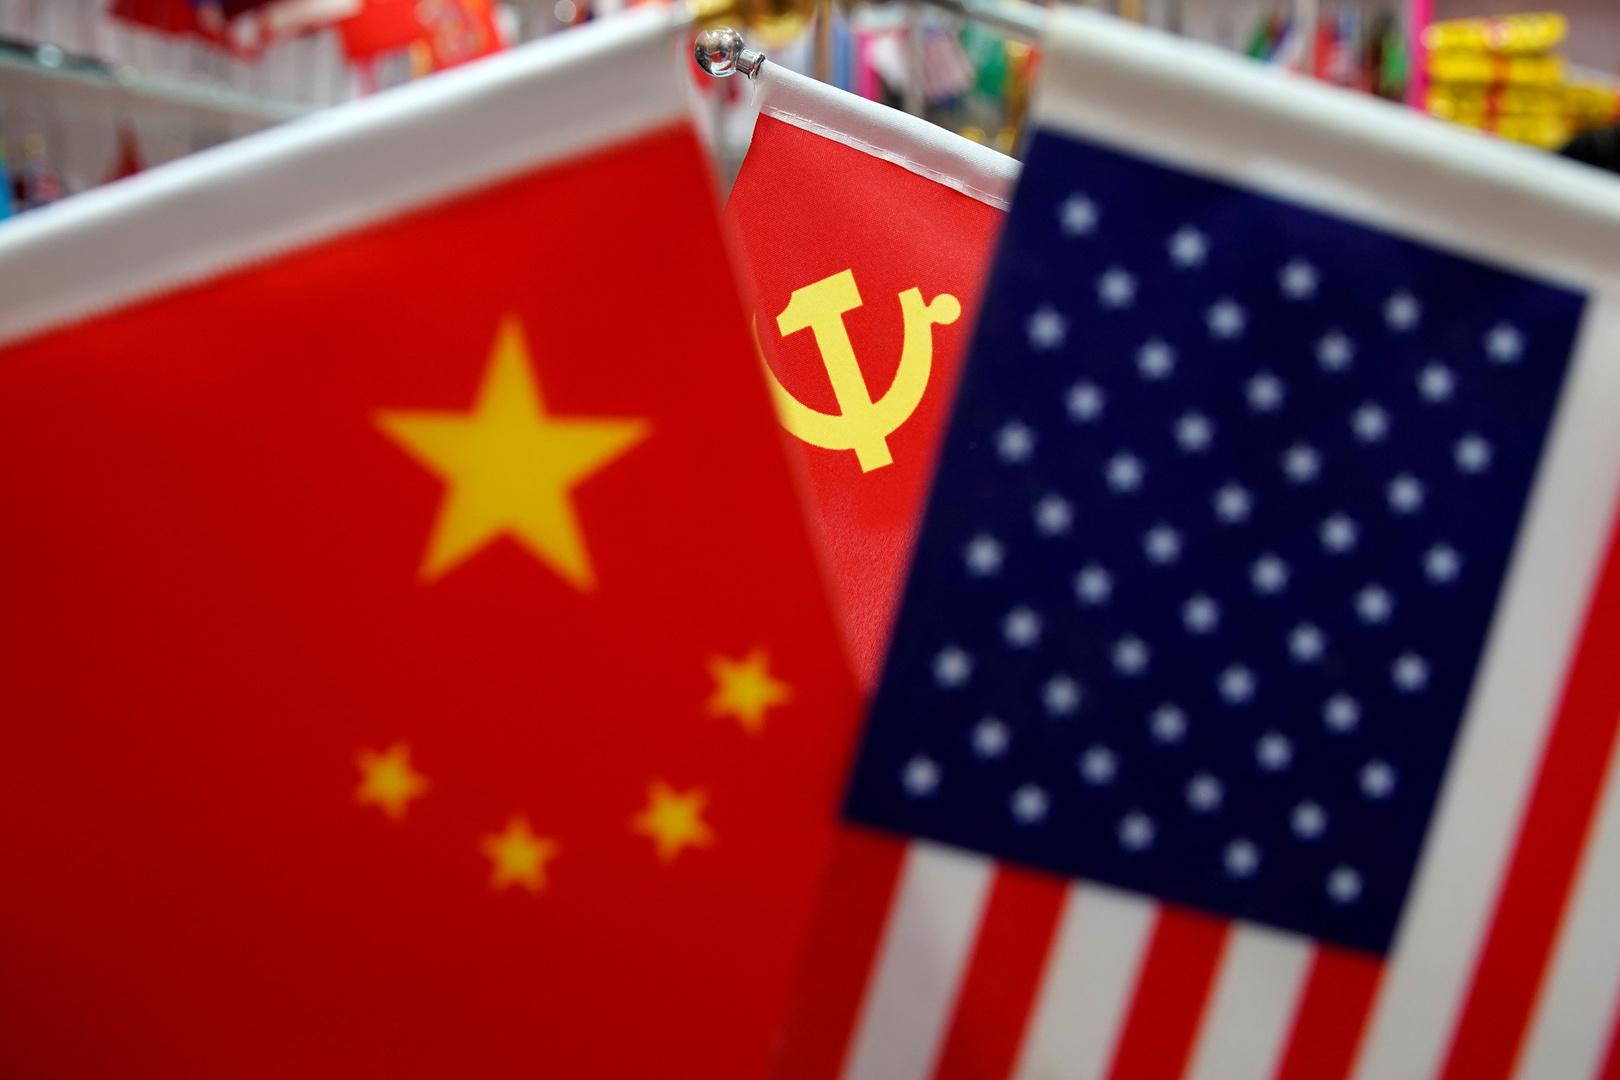 أمريكا تتهم صينيين 2 باختراق بيانات كورونا وأسرار دفاعية